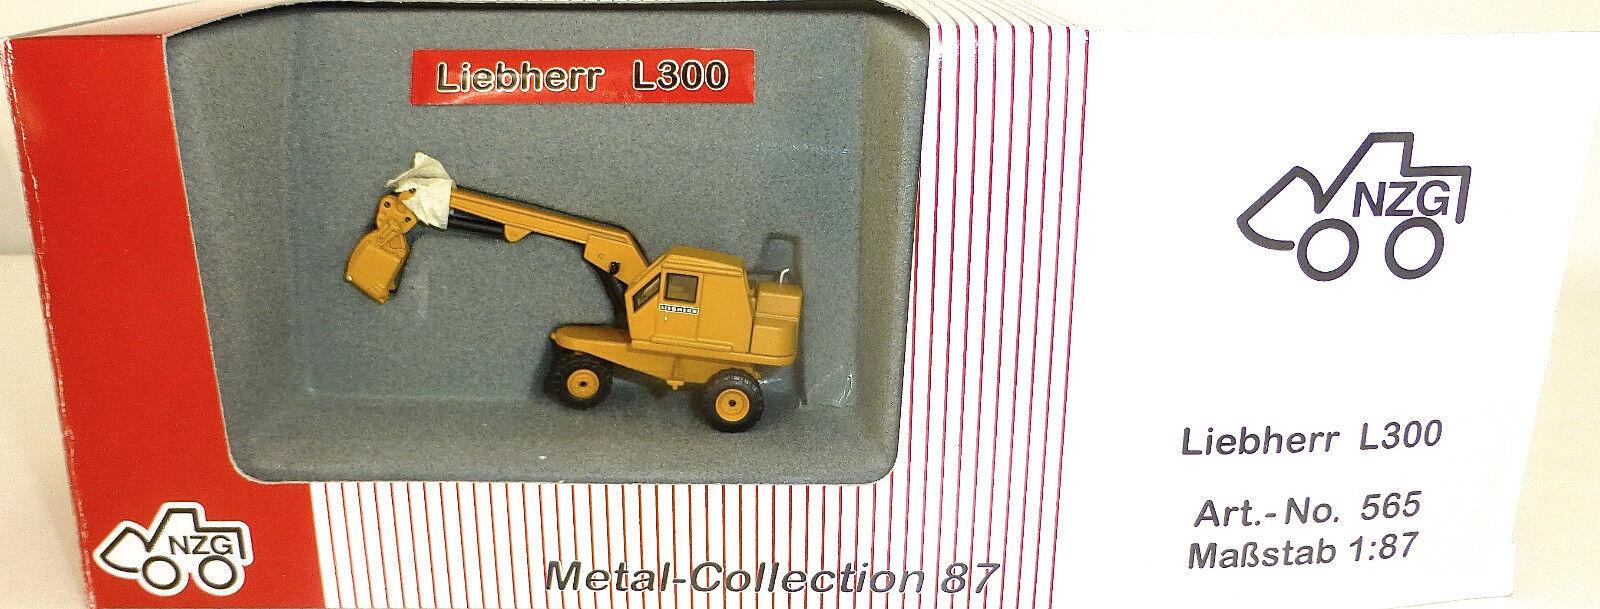 Liebherr L300 Excavadora Móviles Amarillo Nzg 565 Metal Colección H0 1 87